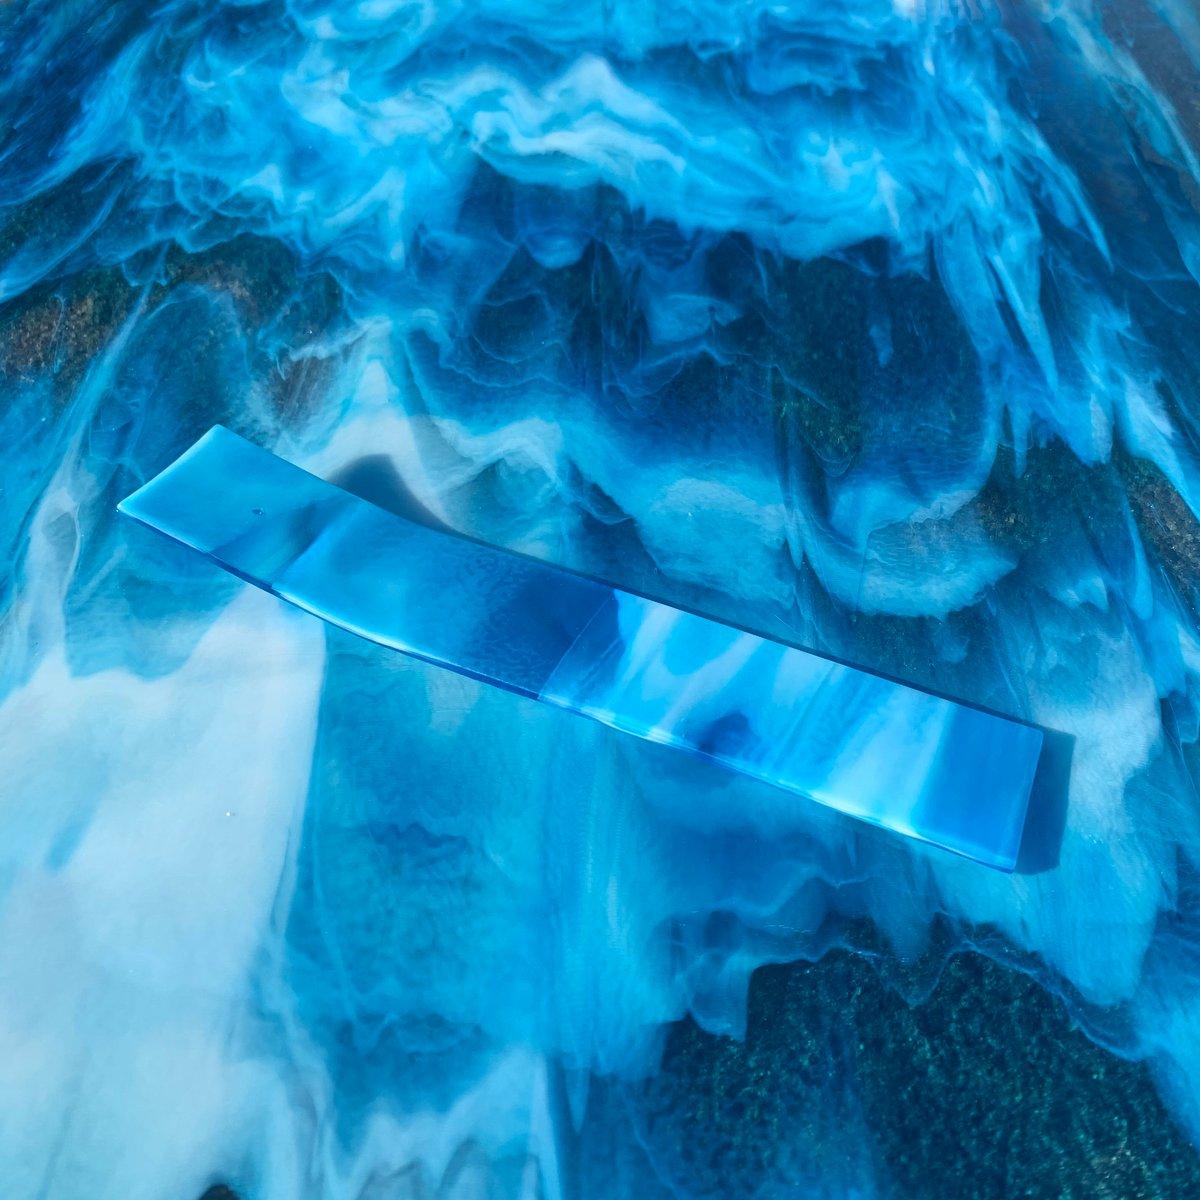 Image of True Blue Incense Holder